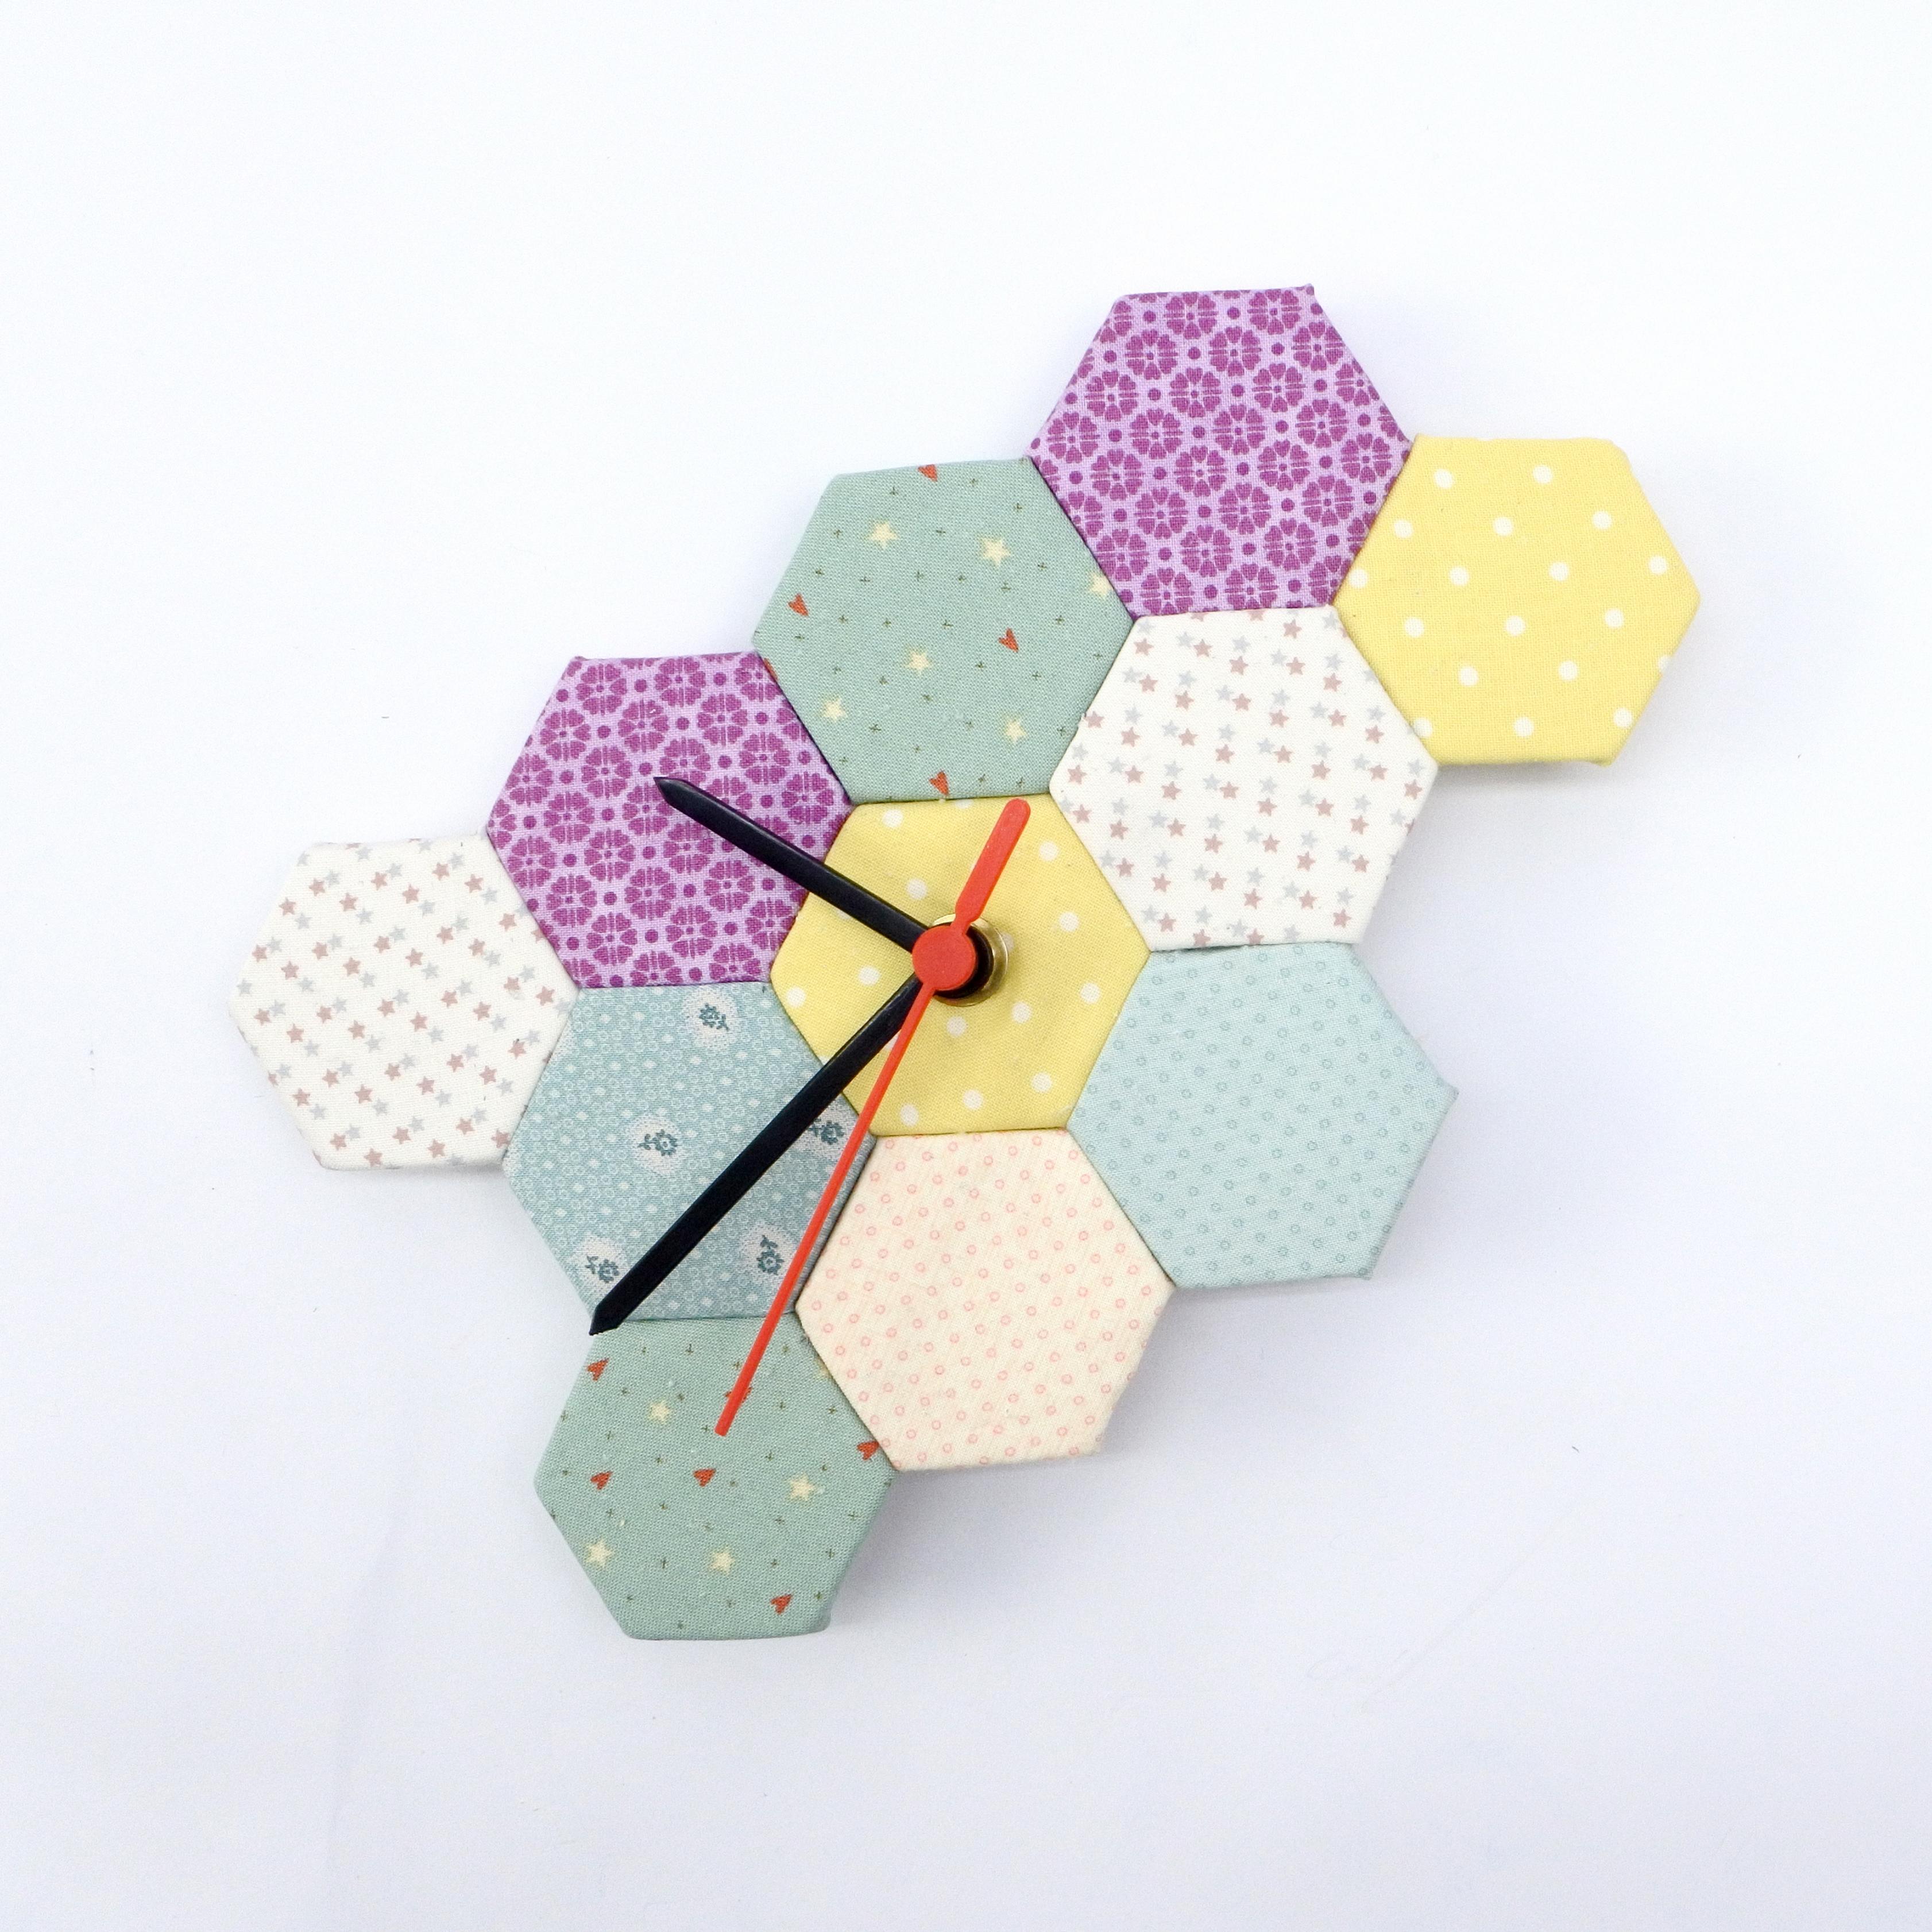 diy reloj falso patchwork 60